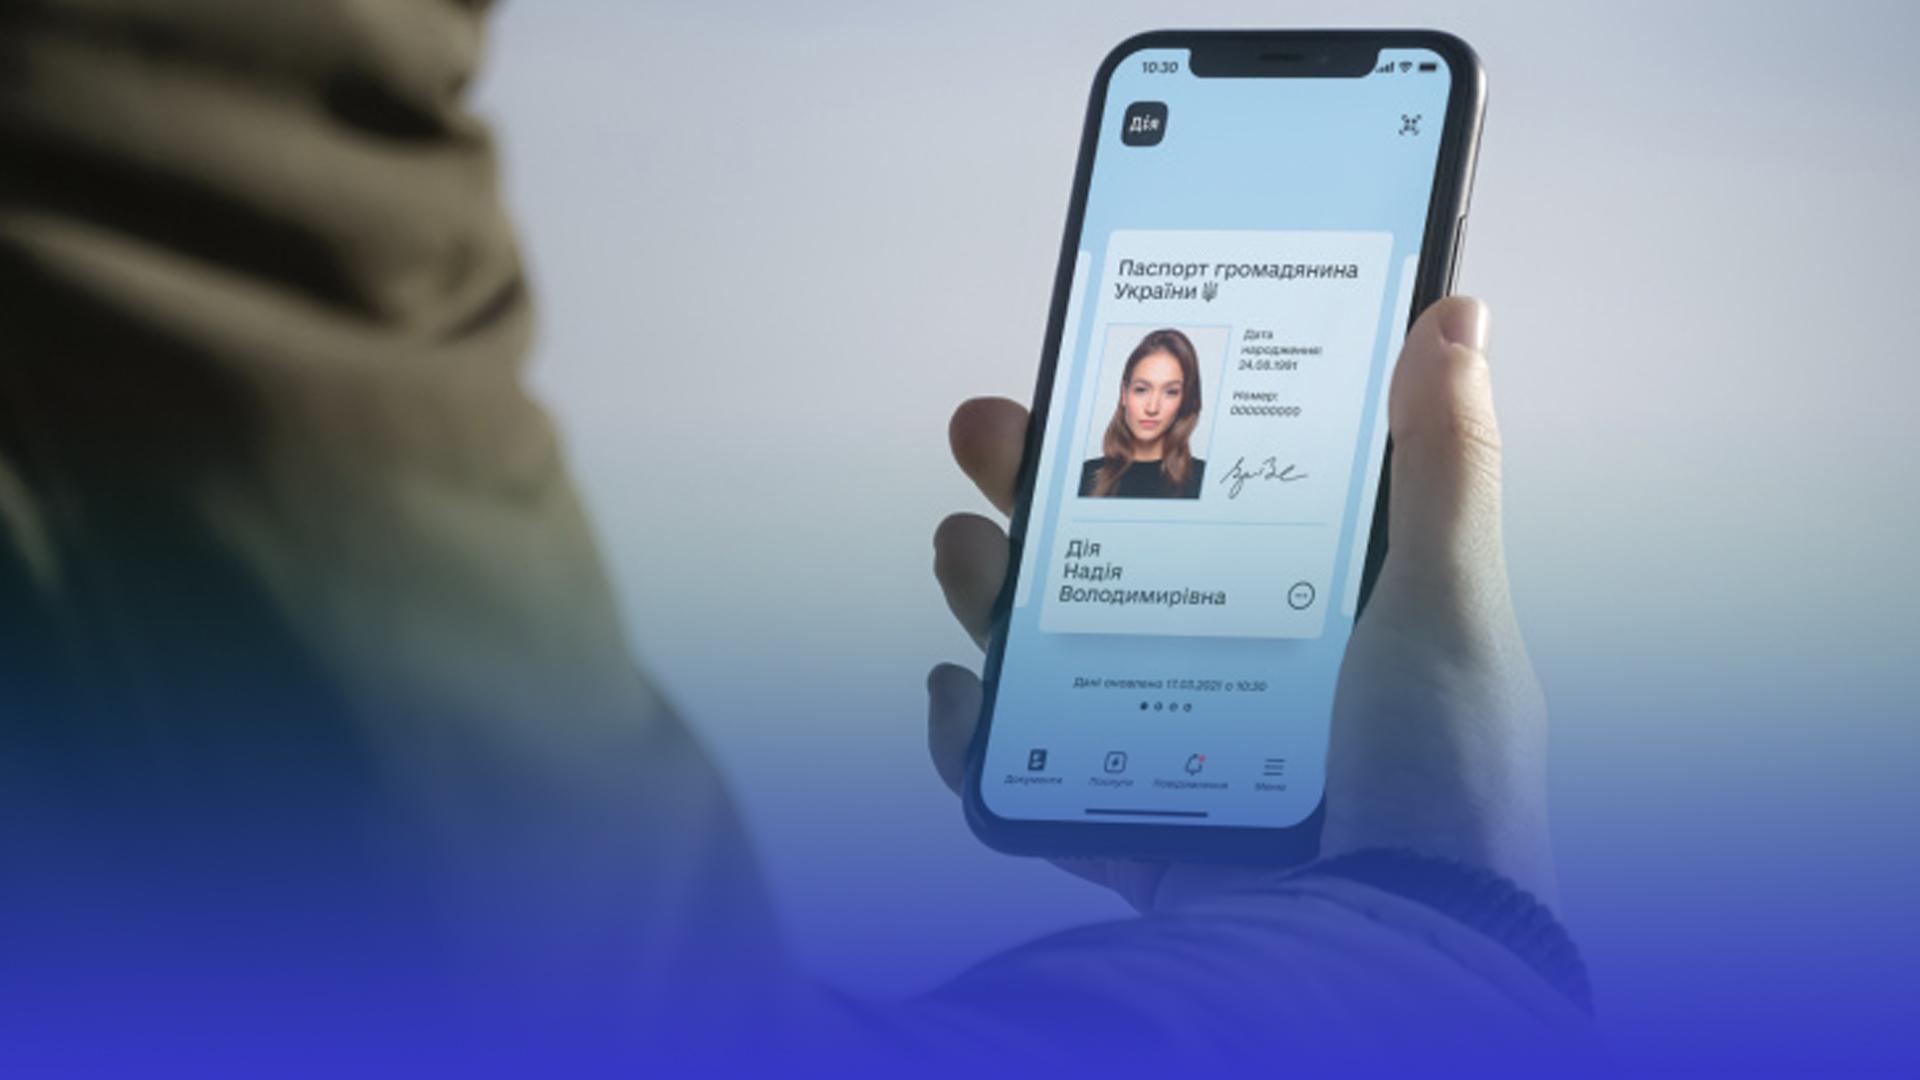 """Паспорт у телефоні: чи готові тернополяни змінити """"книжечку"""" на ID-картку"""